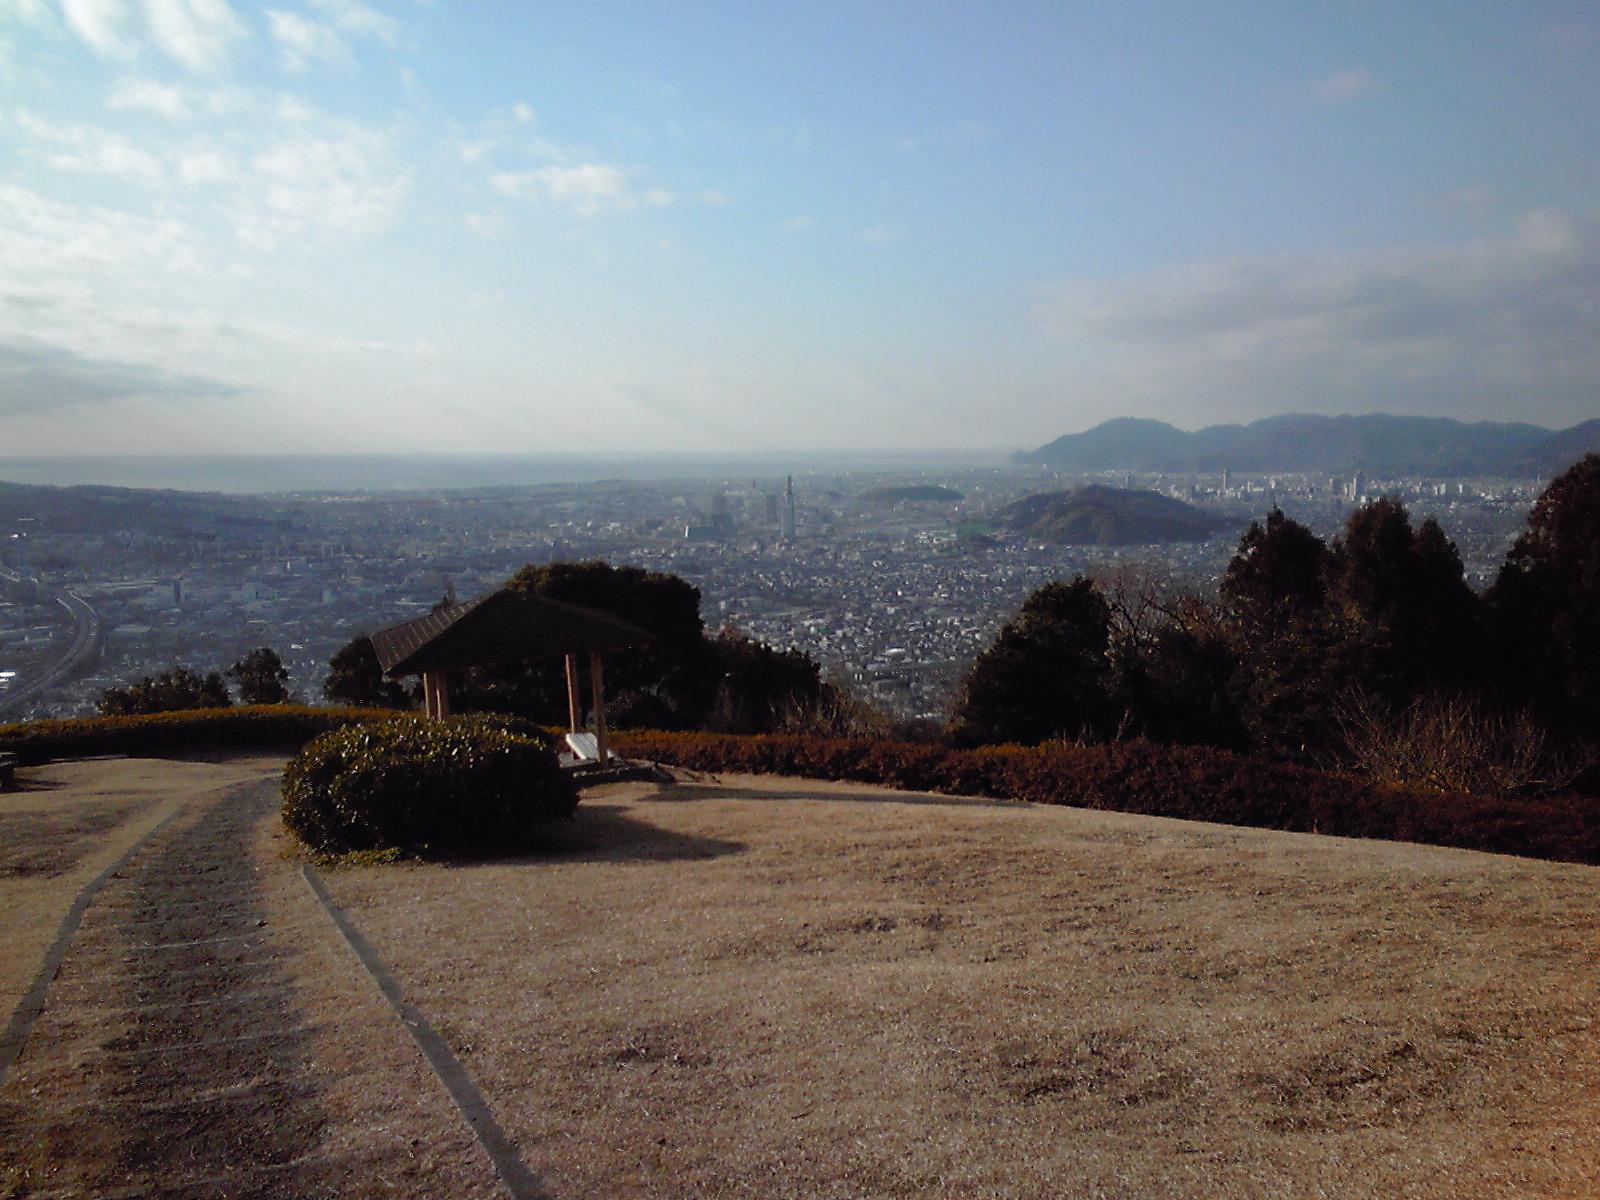 大谷所長おすすめの静岡市の梶原山。すごくながめが良い、おすすめの場所。